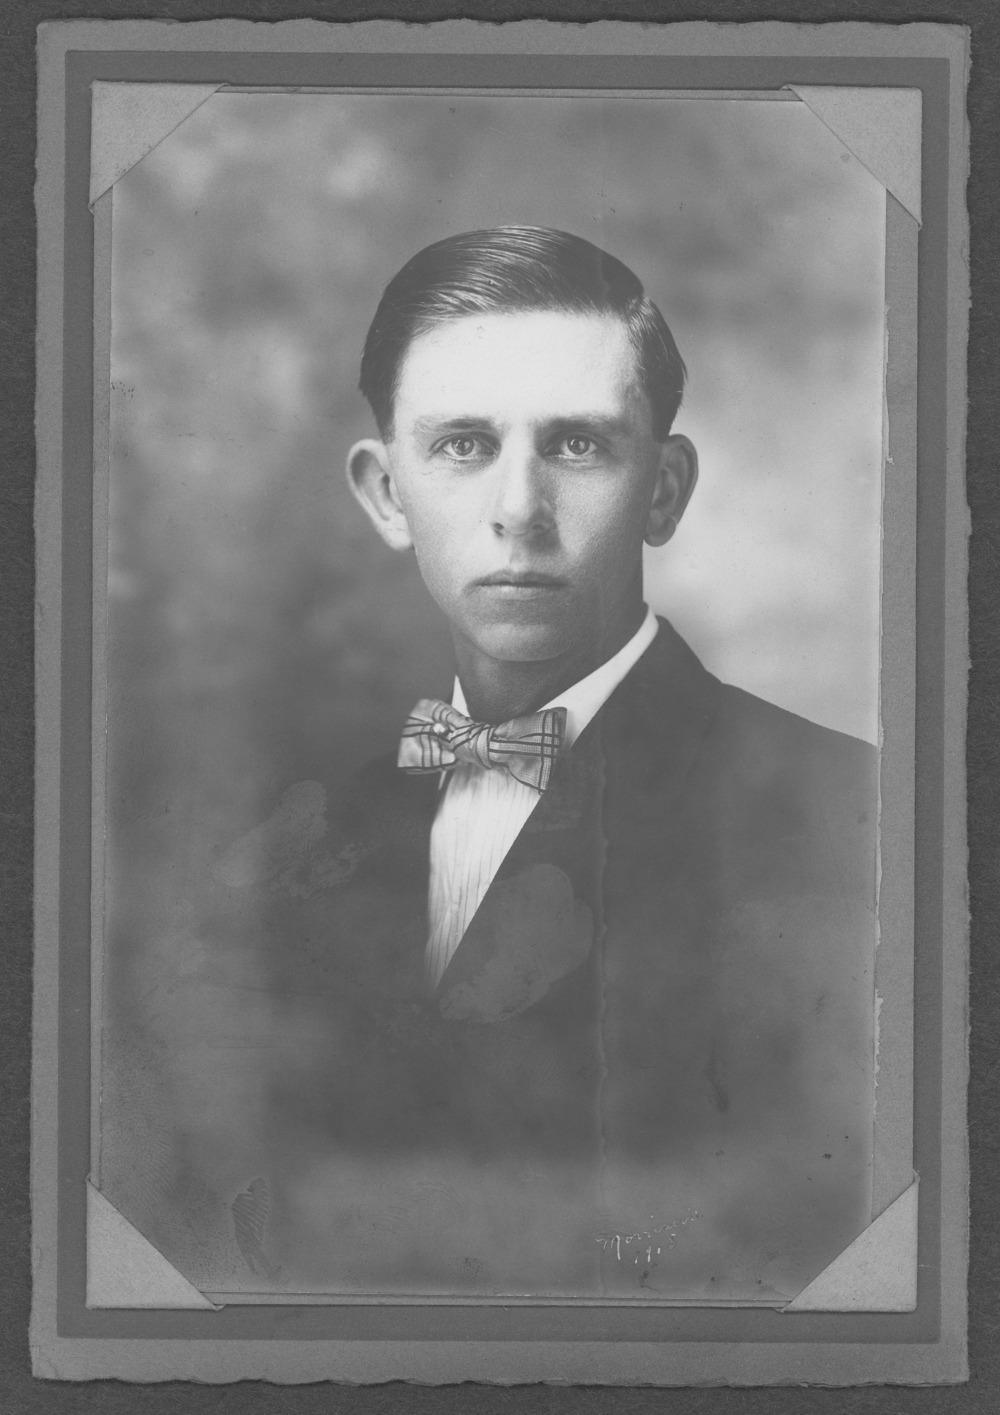 George Miner Pottenger, World War I soldier - 3